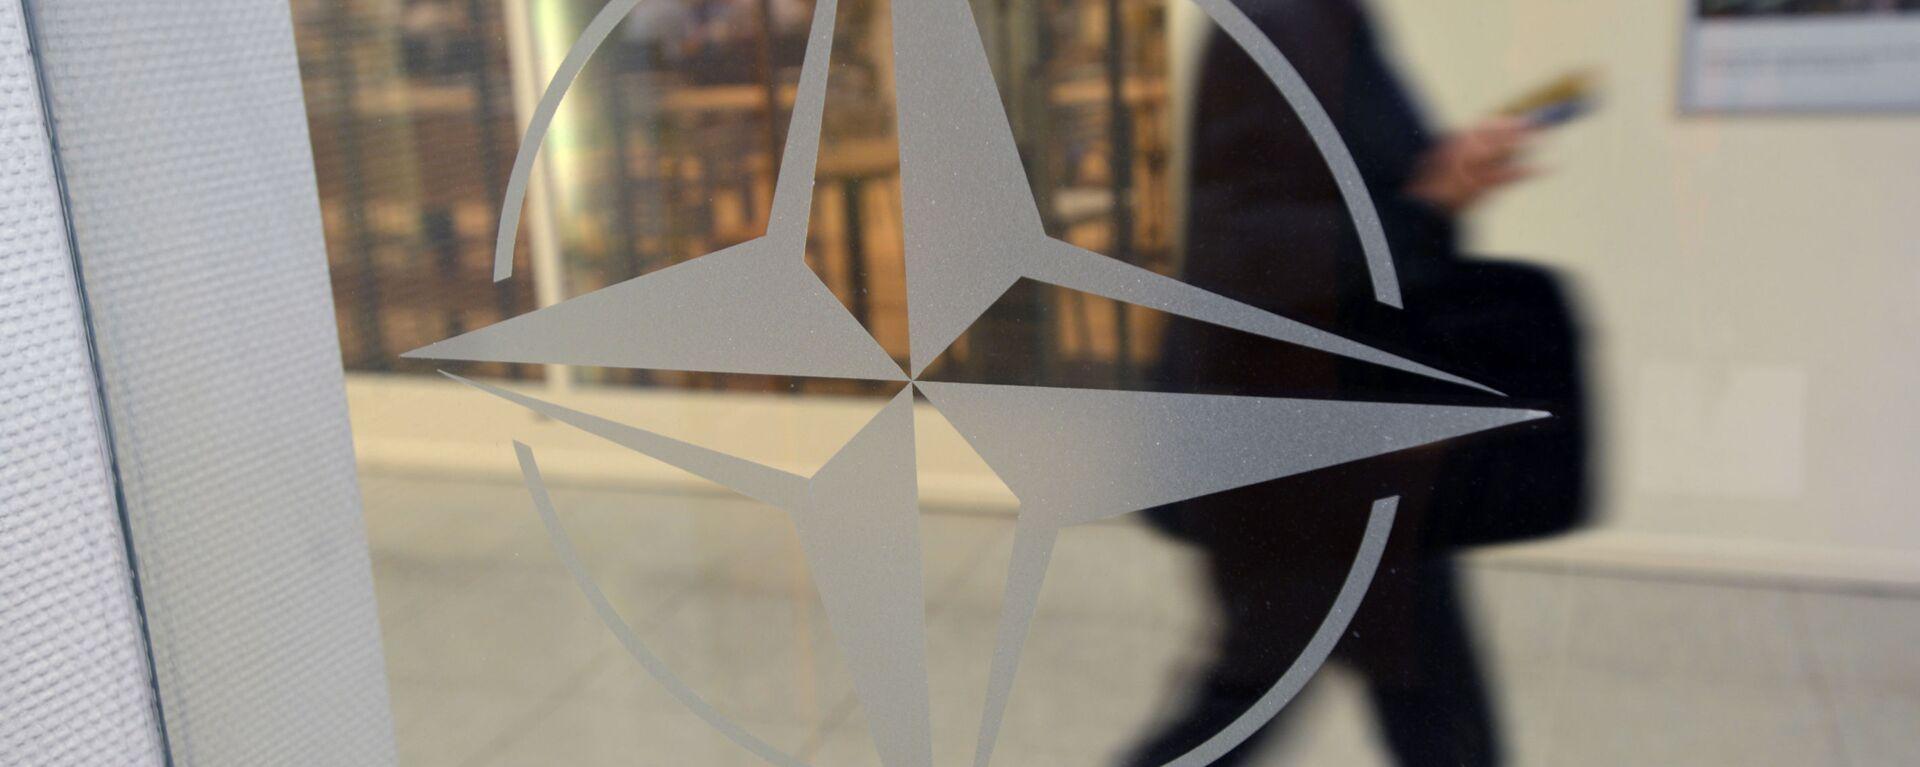 Эмблема НАТА у штаб-кватэры арганізацыі ў Бруселі - Sputnik Беларусь, 1920, 14.06.2021